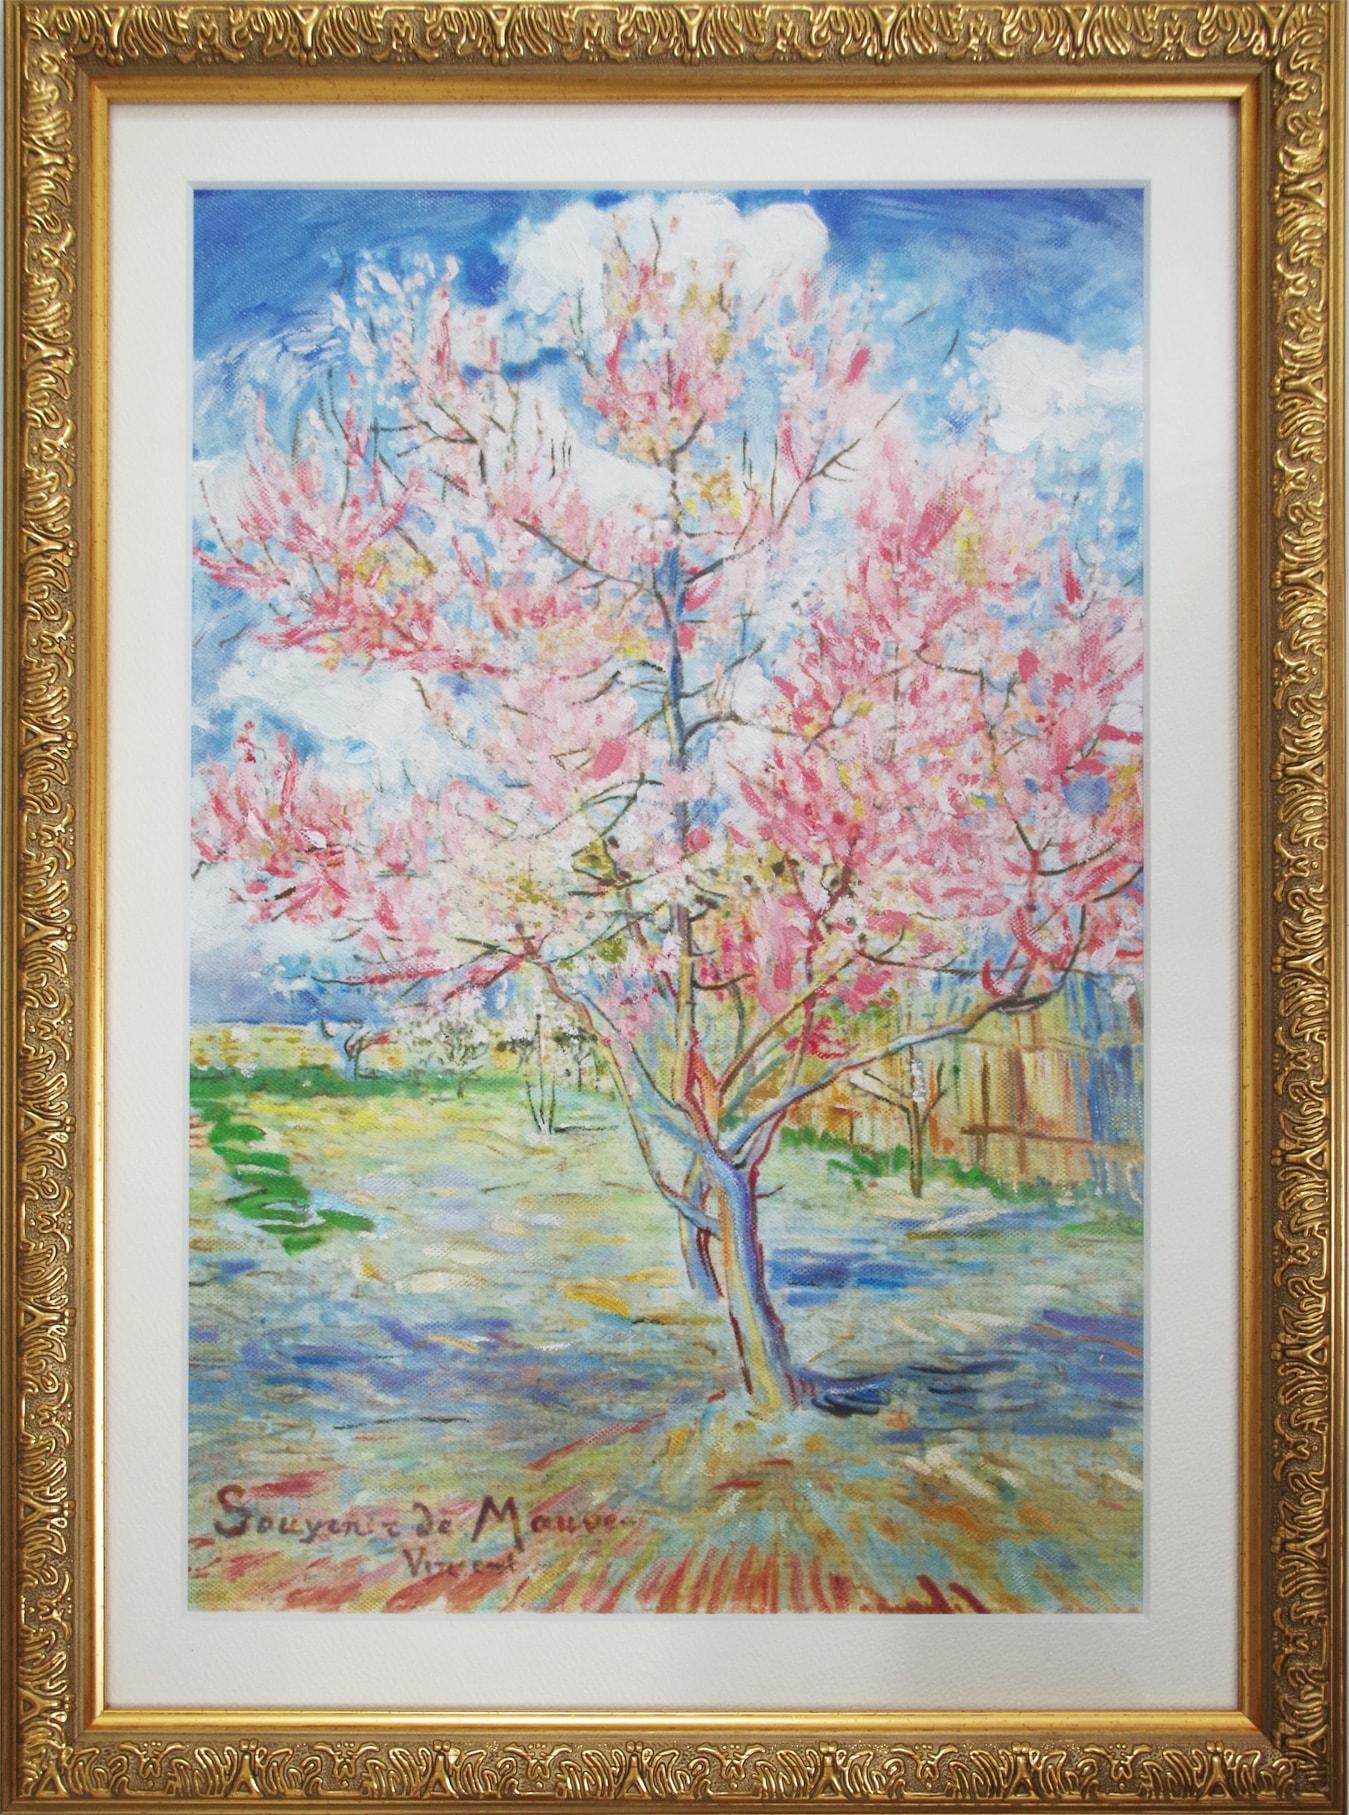 ゴッホ:花咲く桃の木、モーヴの思い出